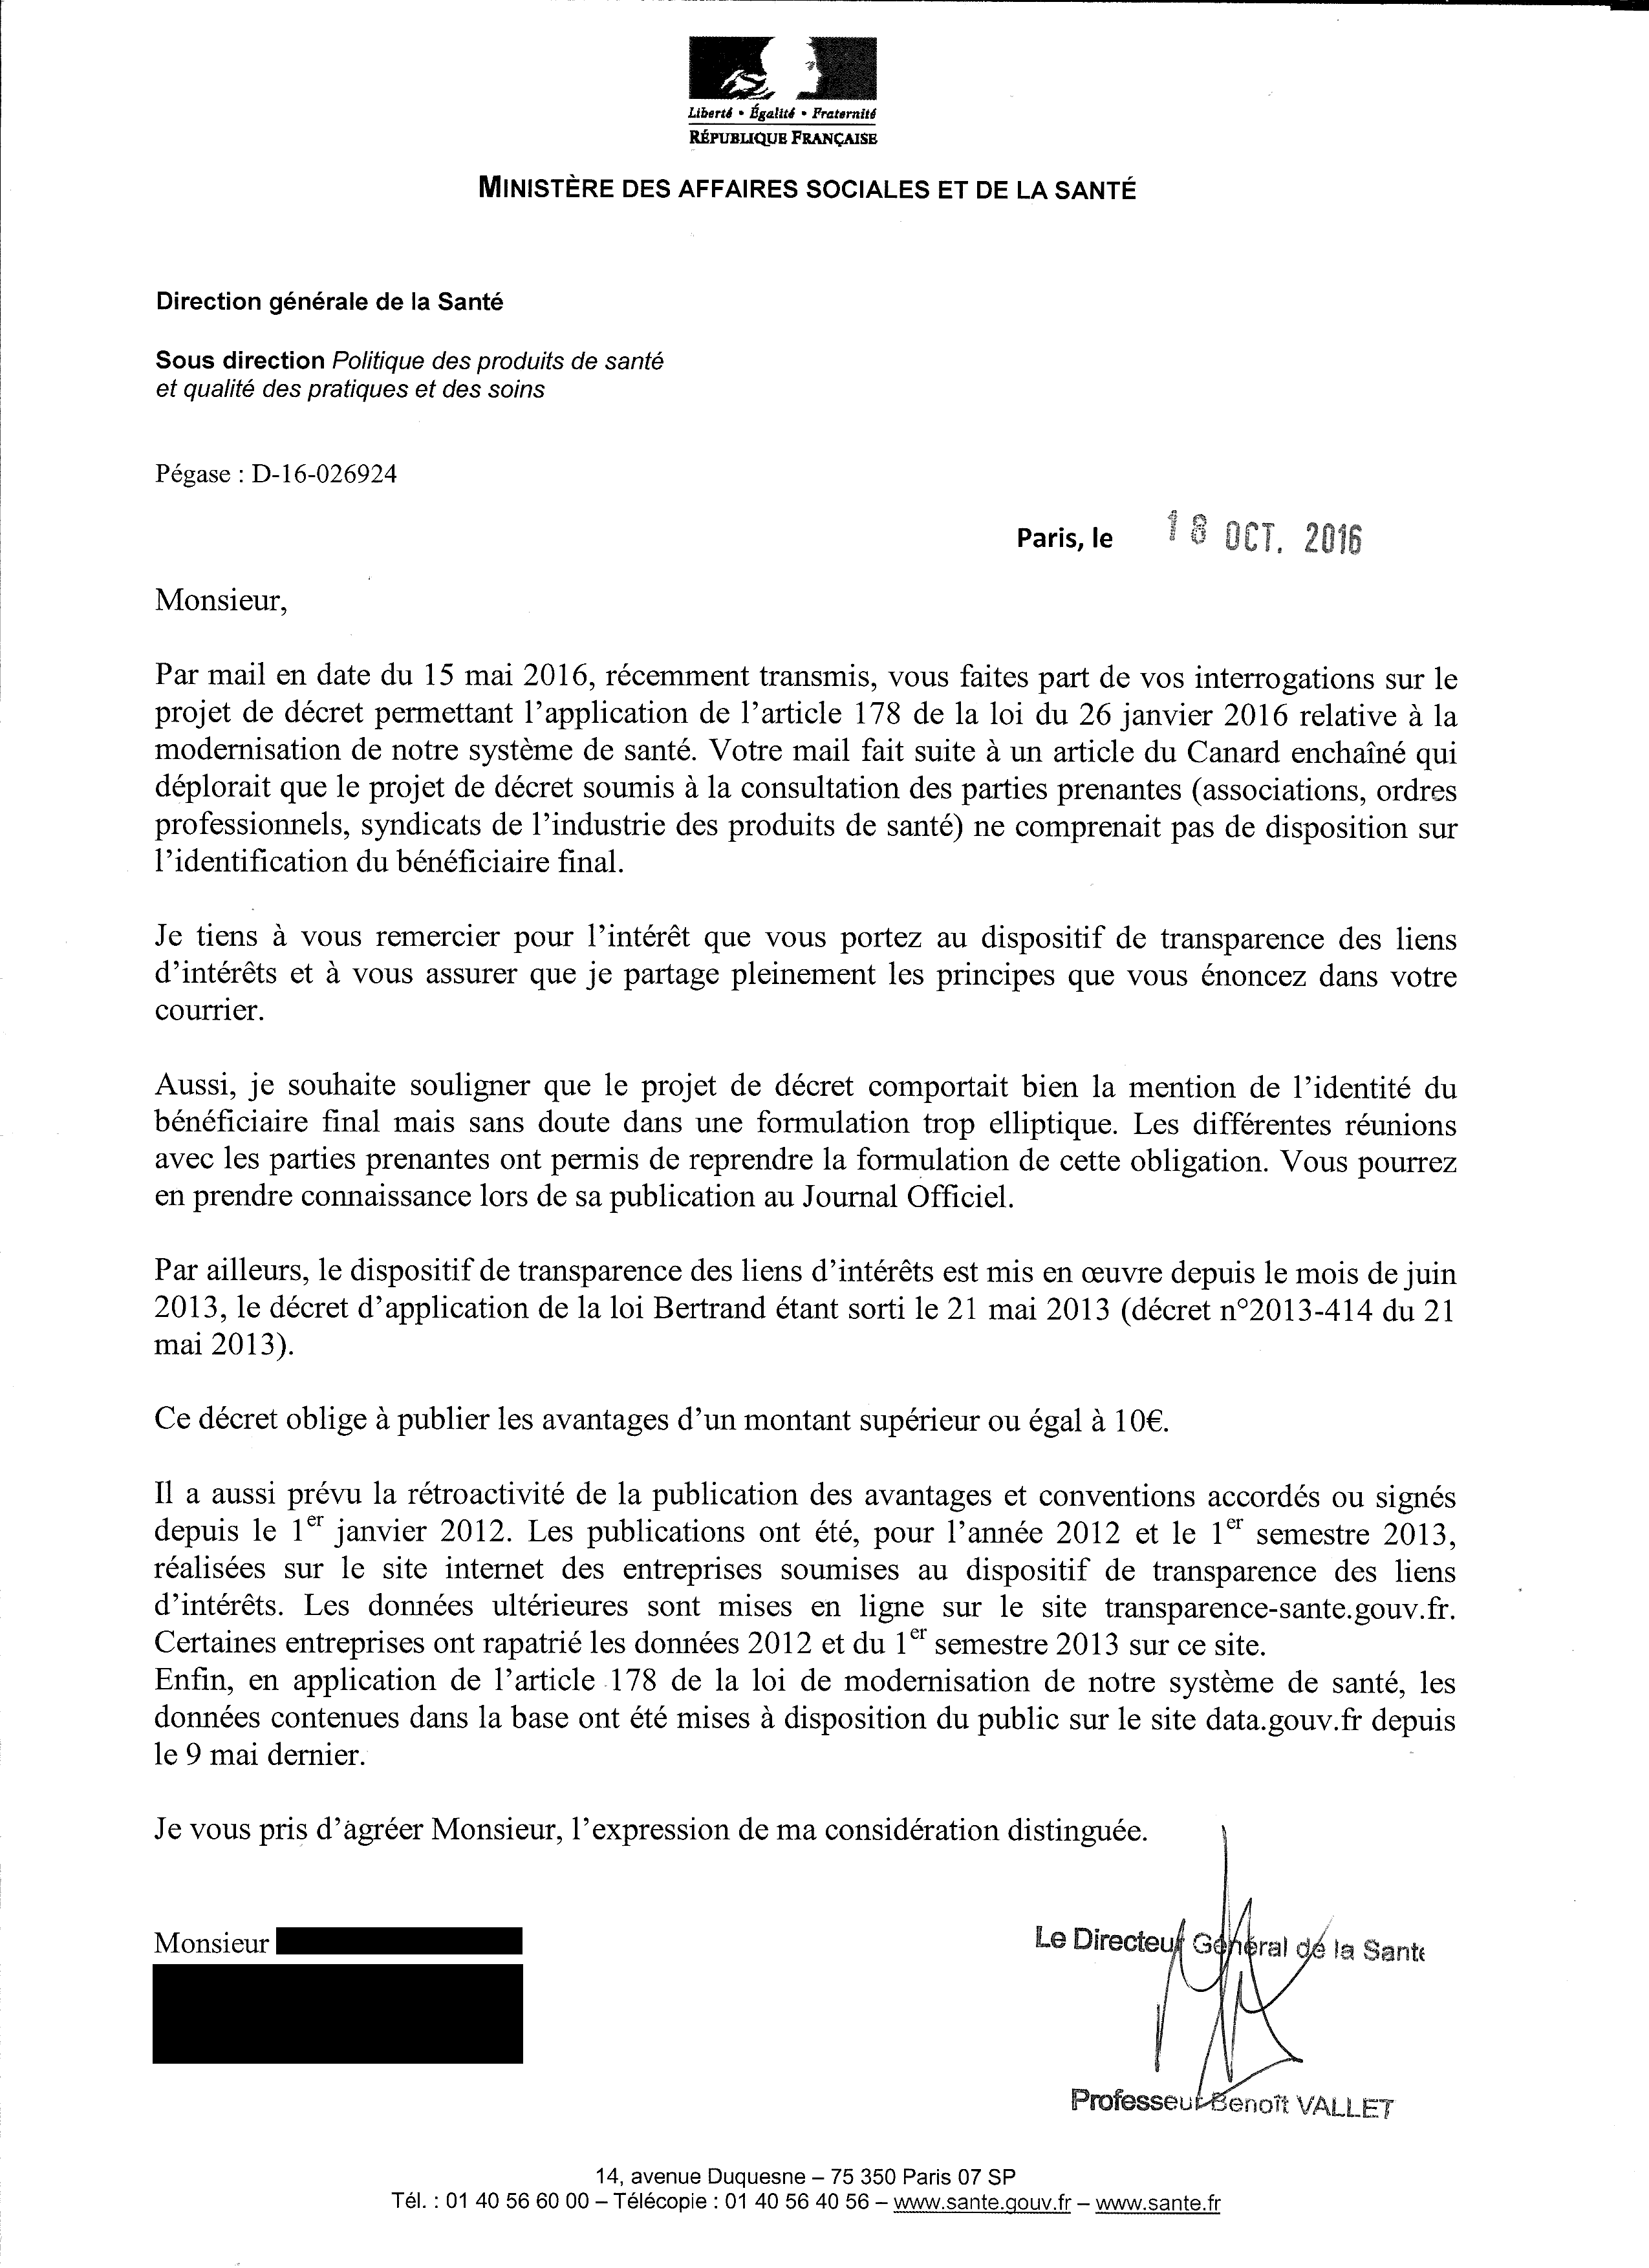 Reponse Au Courrier Du Ministere De La Sante Suite A Mon Mail